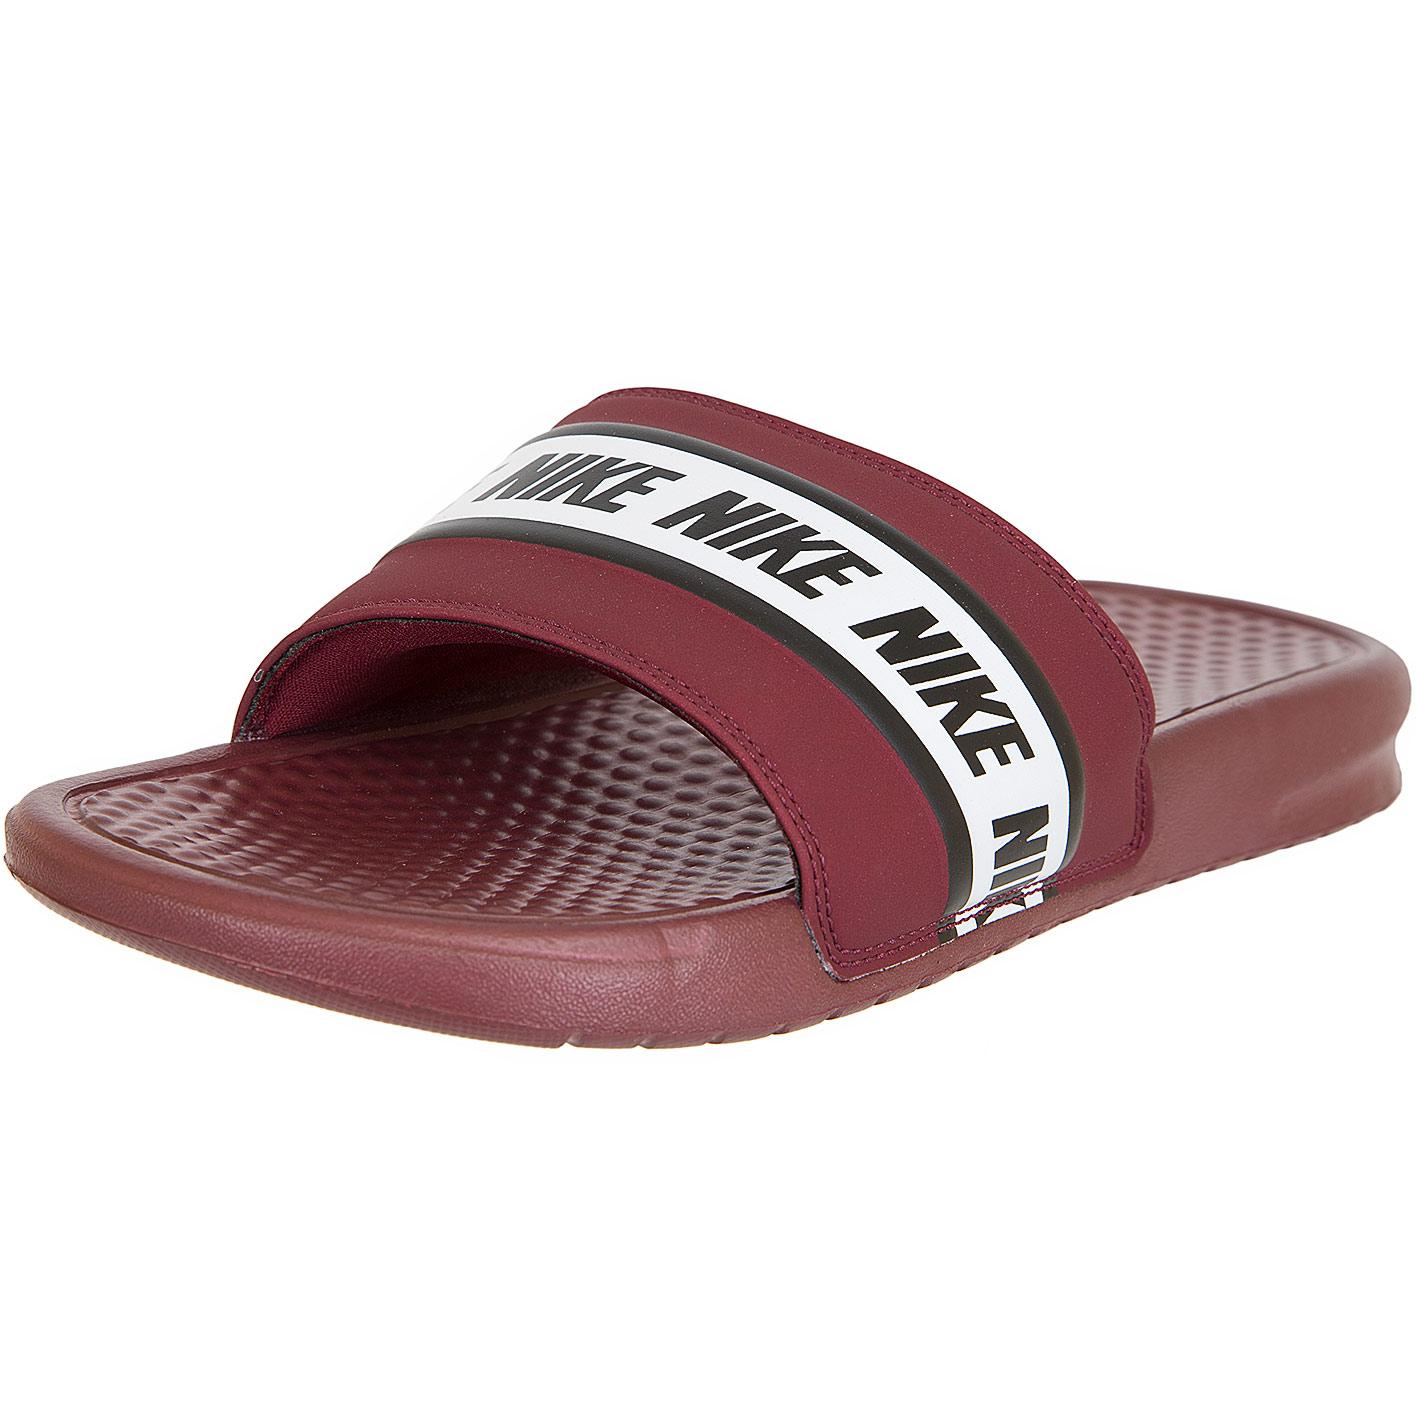 f70038a76a45a1 ☆ Nike Badelatschen Benassi rot weiß - hier bestellen!